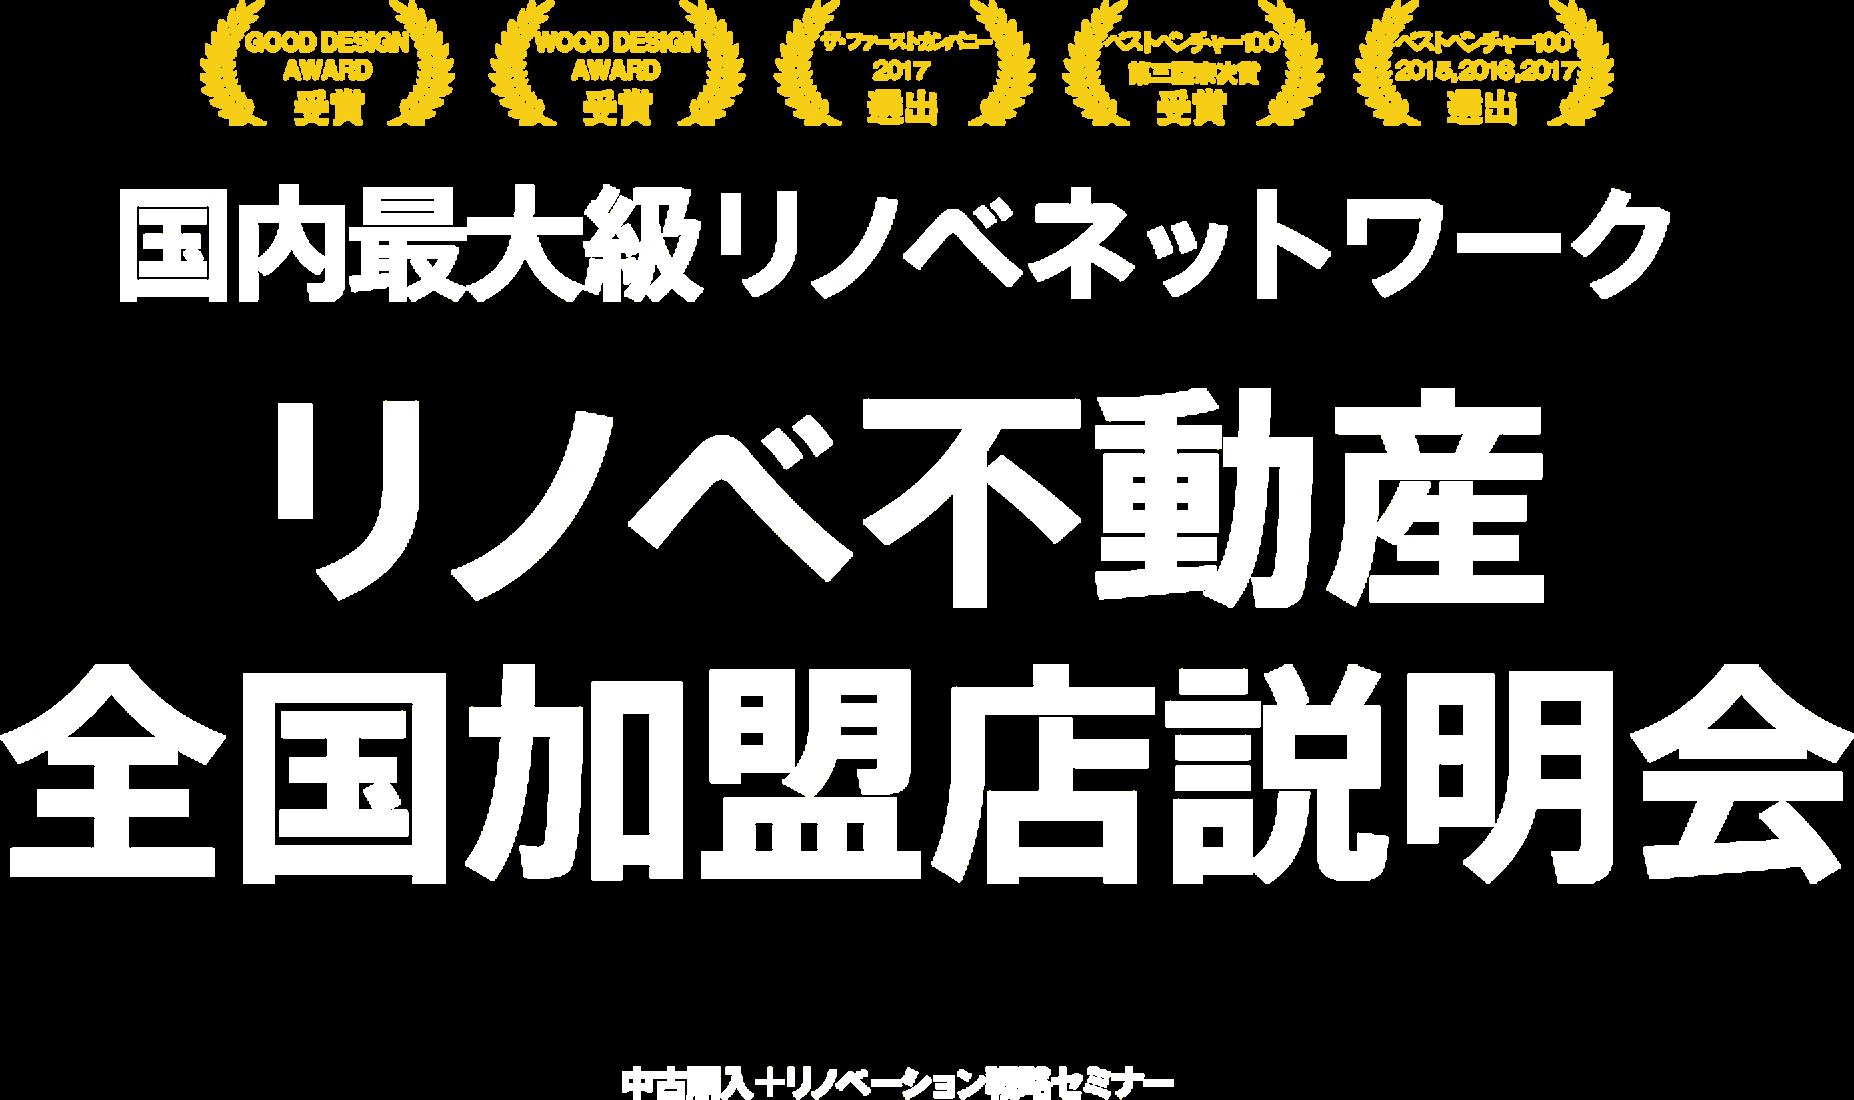 国内最大級リノベネットワーク リノベ不動産全国加盟店説明会